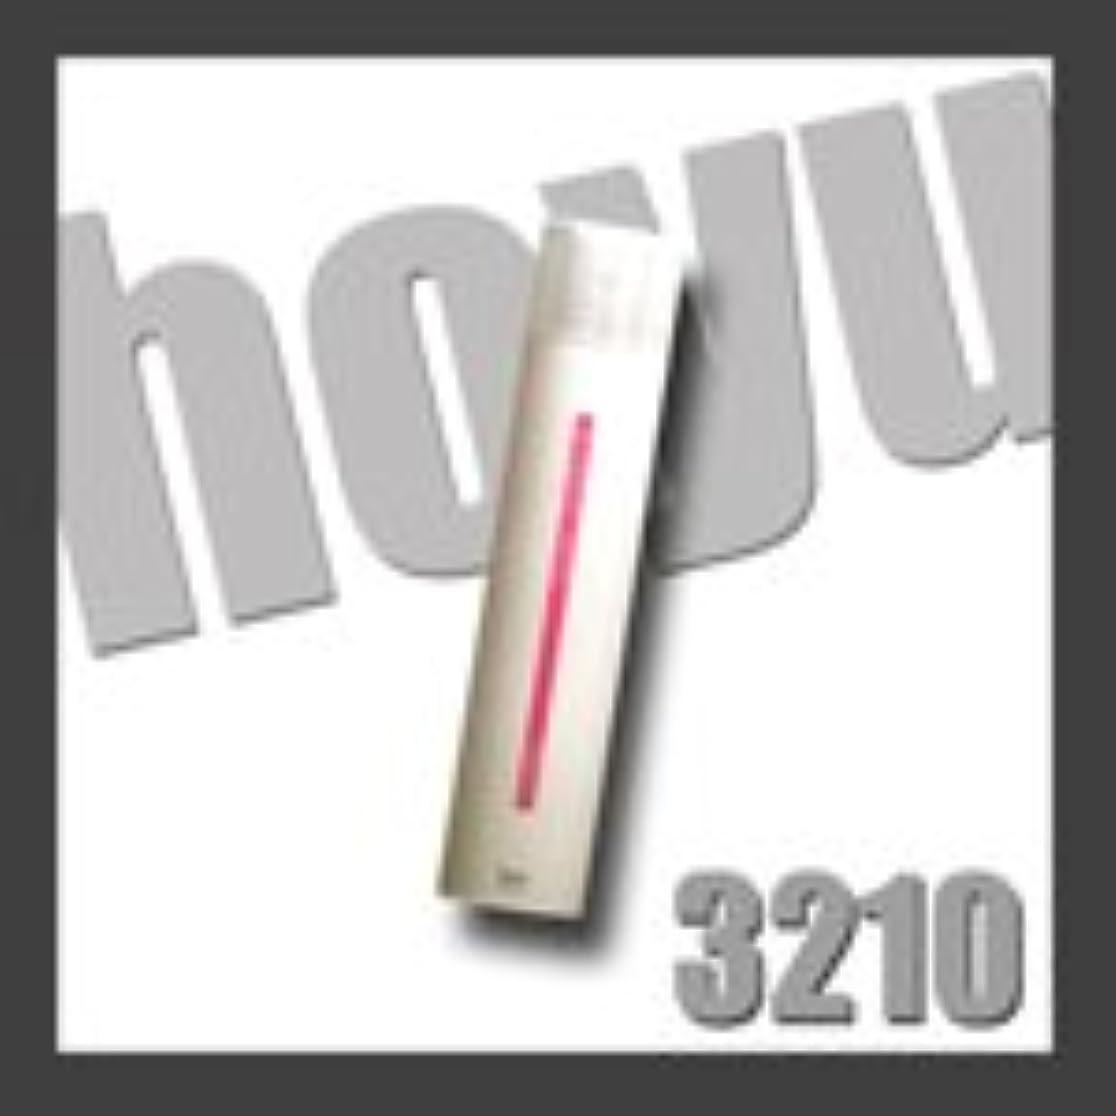 着服オーブン文化HOYU ホーユー 3210 ミニーレ スプリール スタイリングスプレー HF ハードフィックス 180g